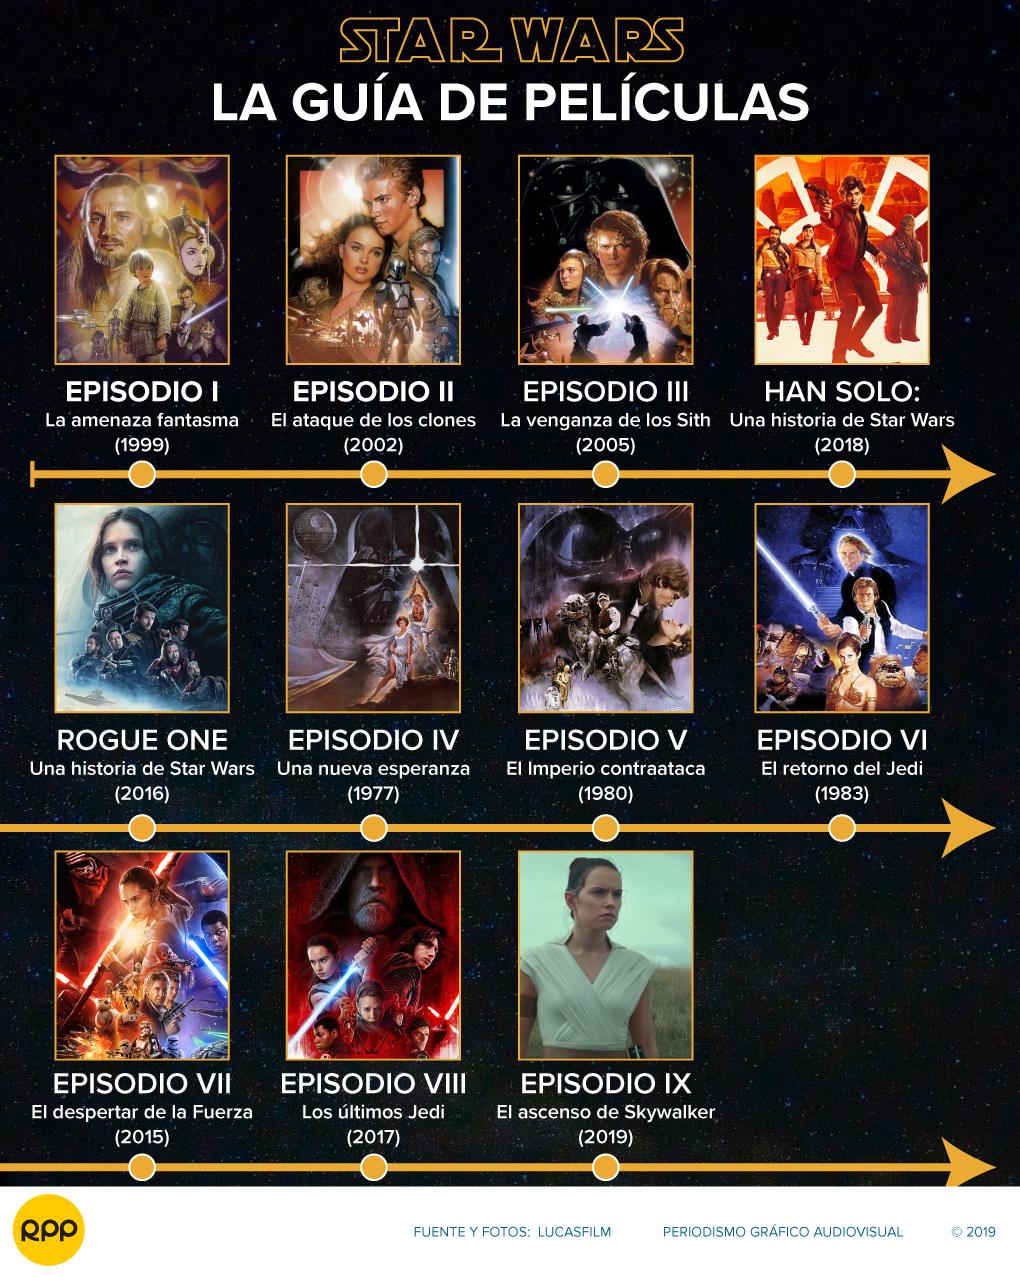 Star Wars Una Guía Completa De Todas Las Películas De La Saga Intergaláctica Infografía Rpp Noticias